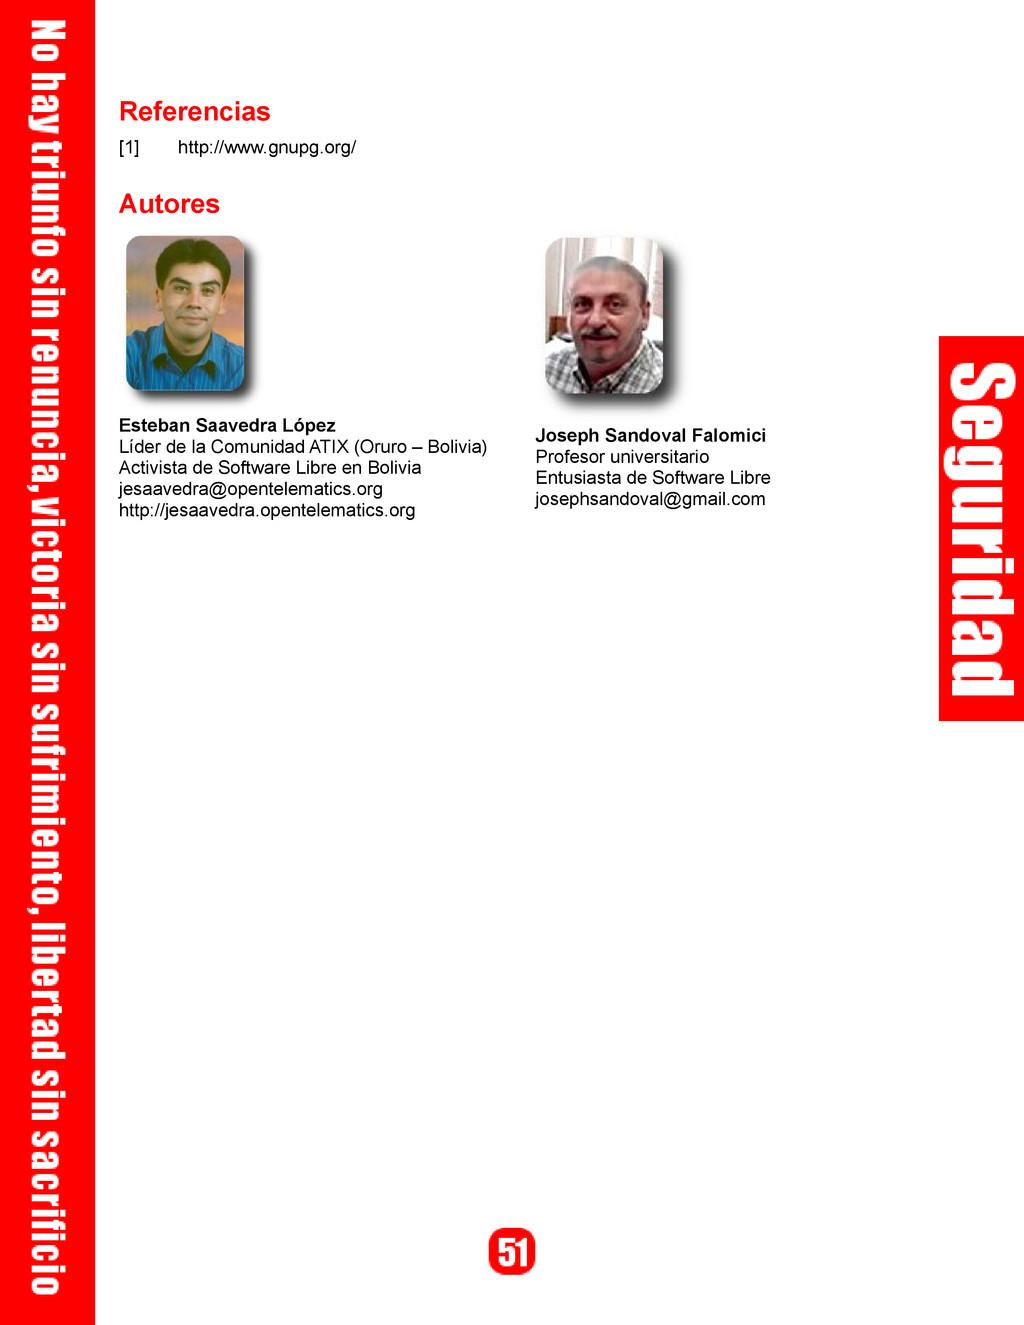 Referencias [1] http://www.gnupg.org/ Autores E...